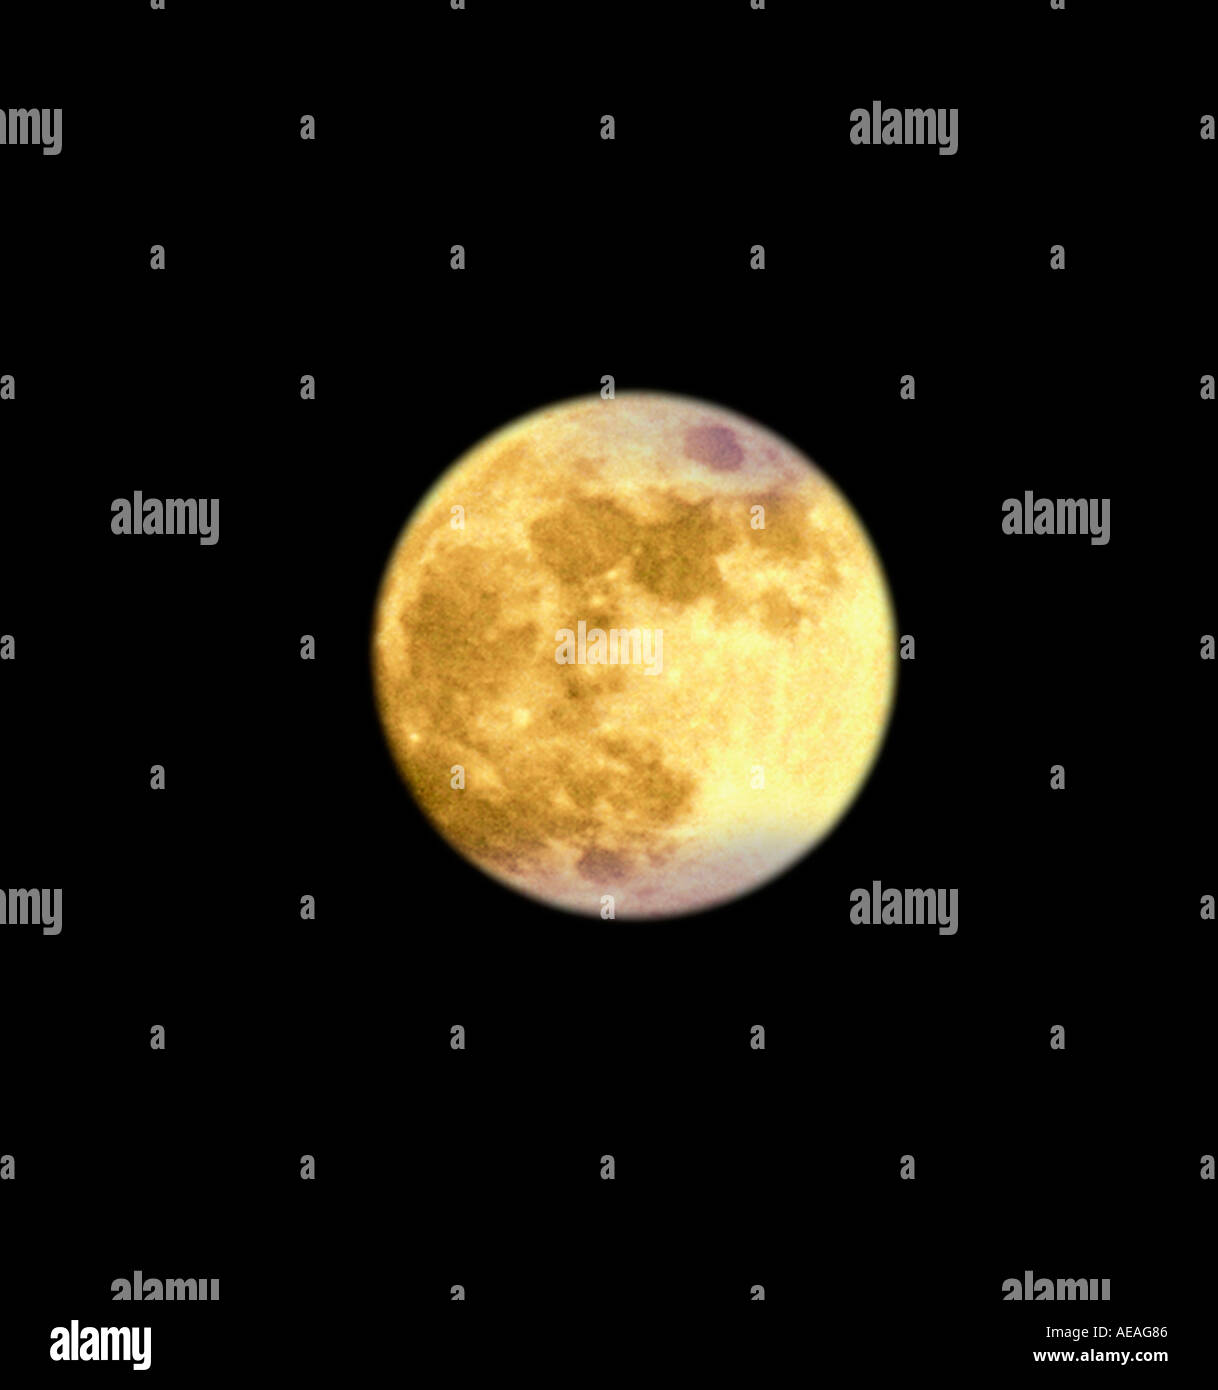 full moon against black sky - Stock Image